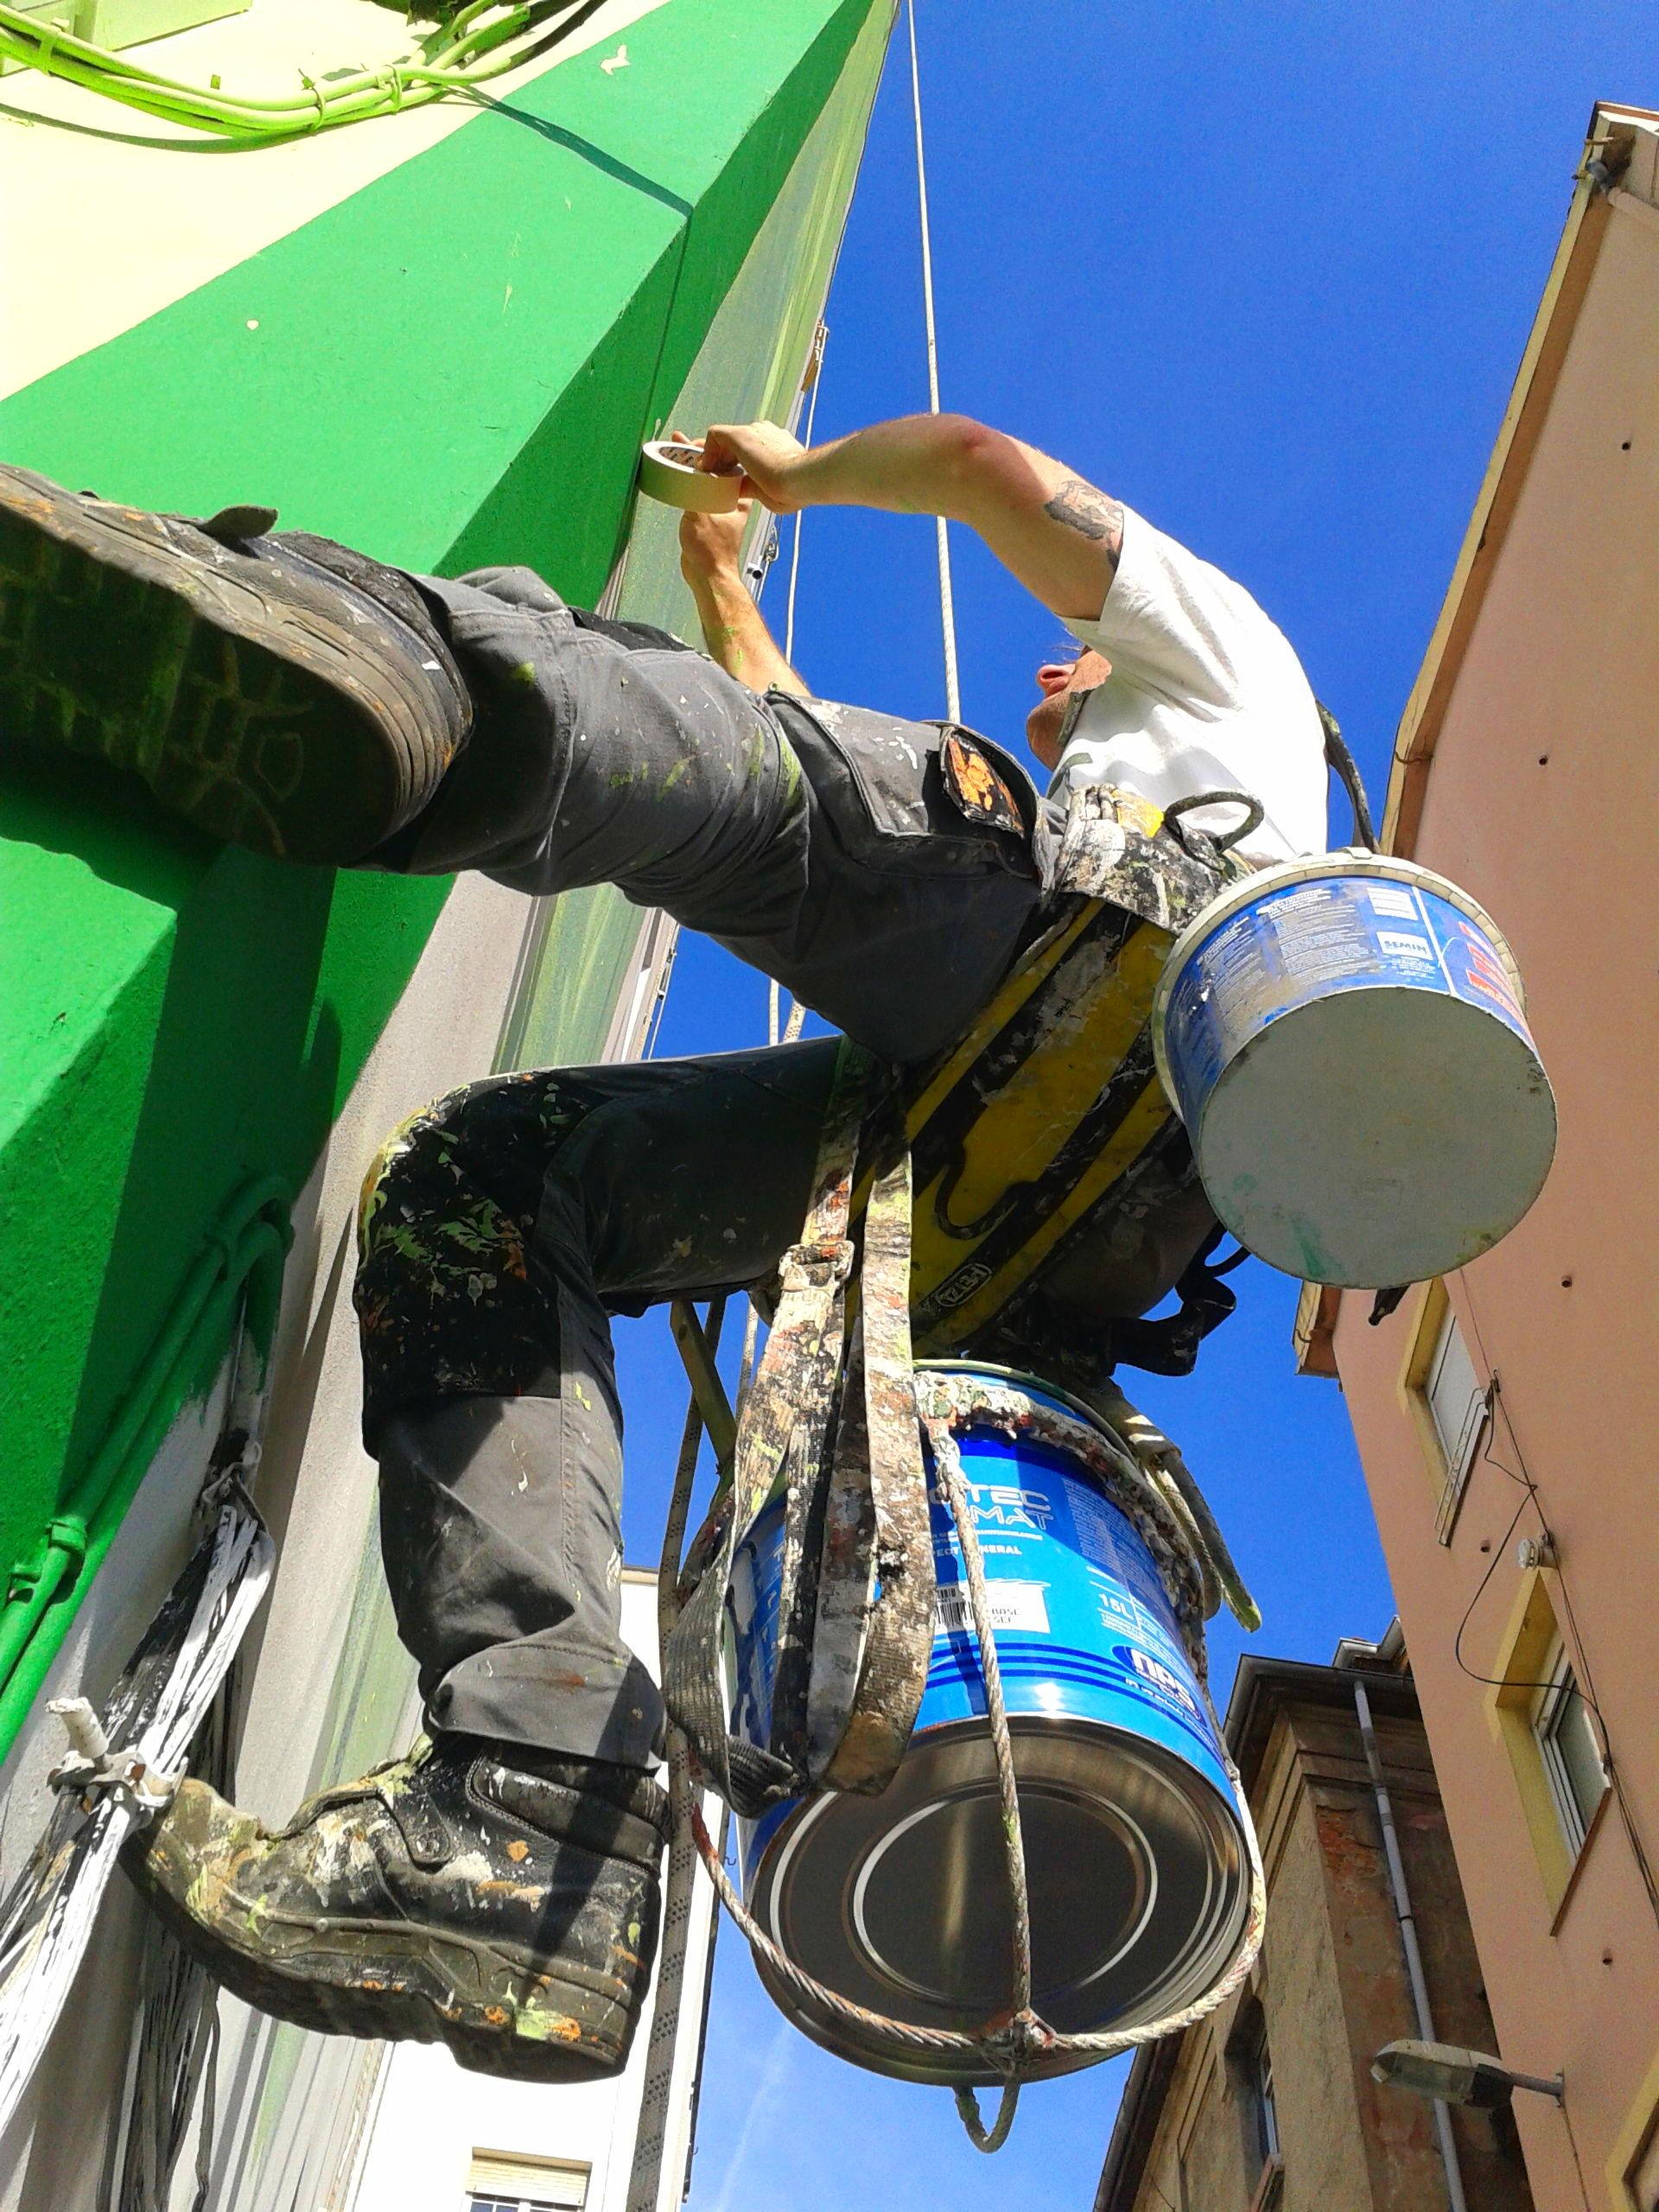 Pintores de fachadas. Trabajos verticales Santander-Torrelavega.